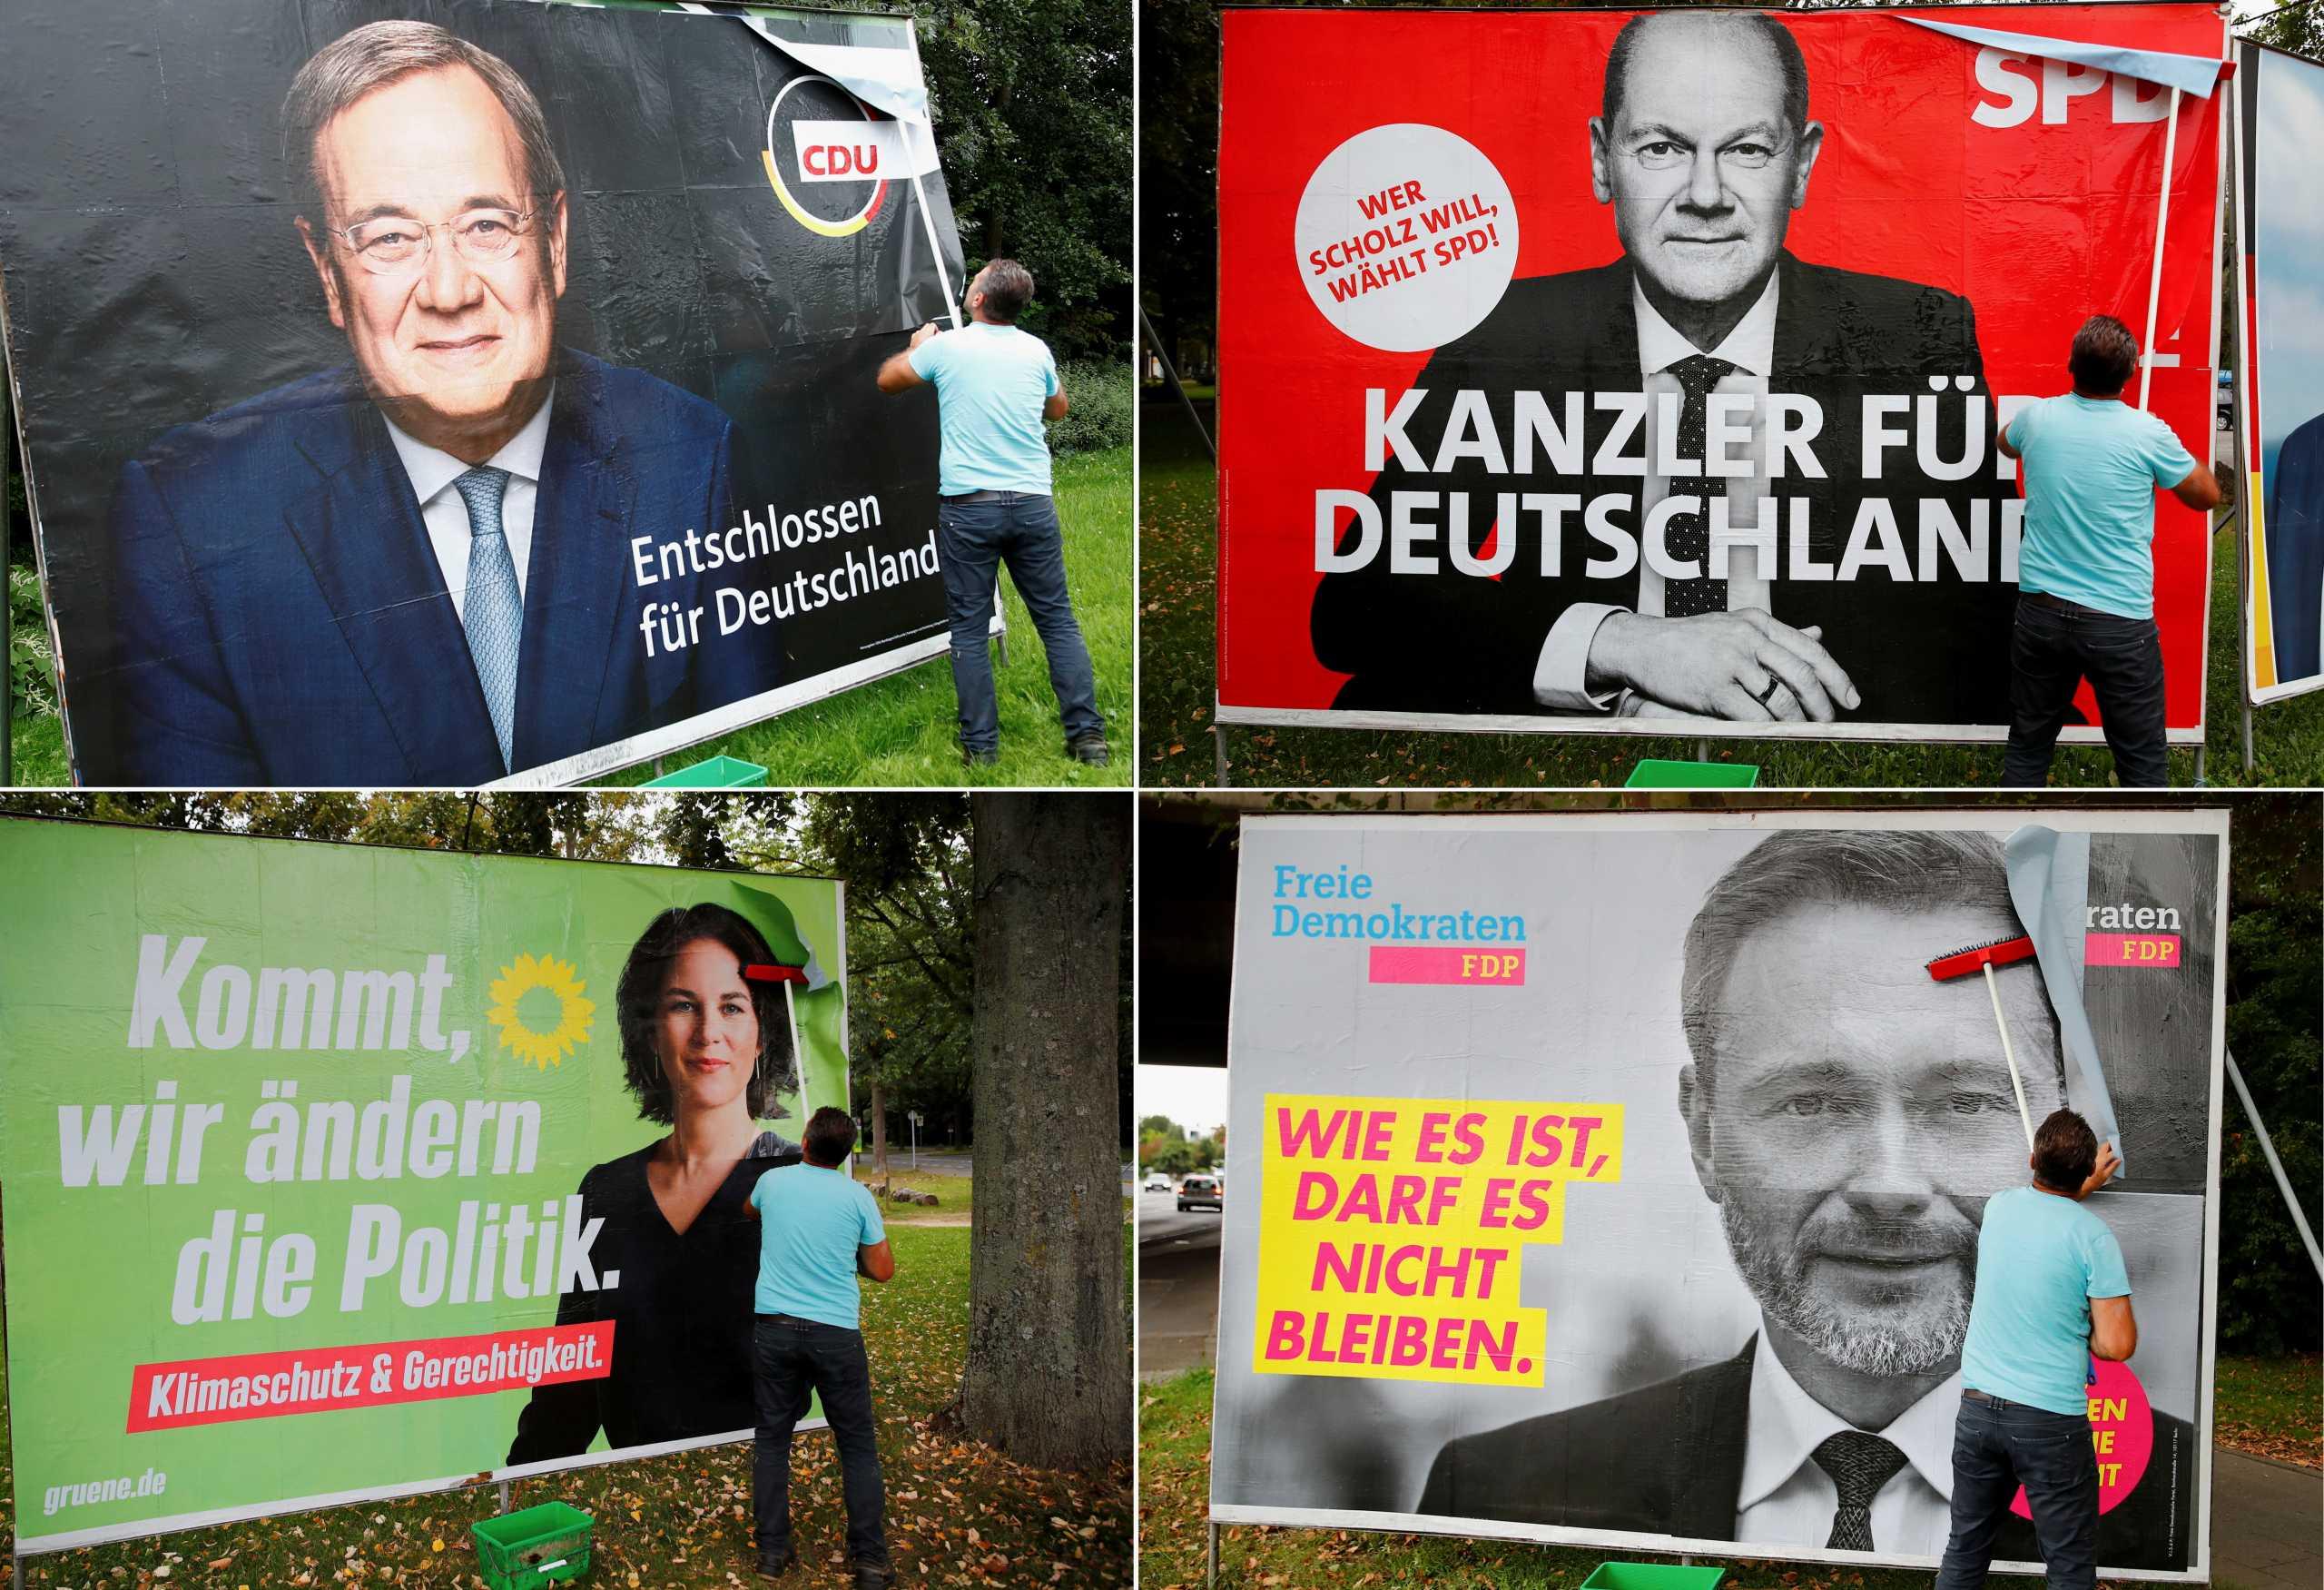 Γερμανικές εκλογές: Οι αναποφάσιστοι θα κρίνουν το αποτέλεσμα – Οι διαβουλεύσεις για την επόμενη ημέρα